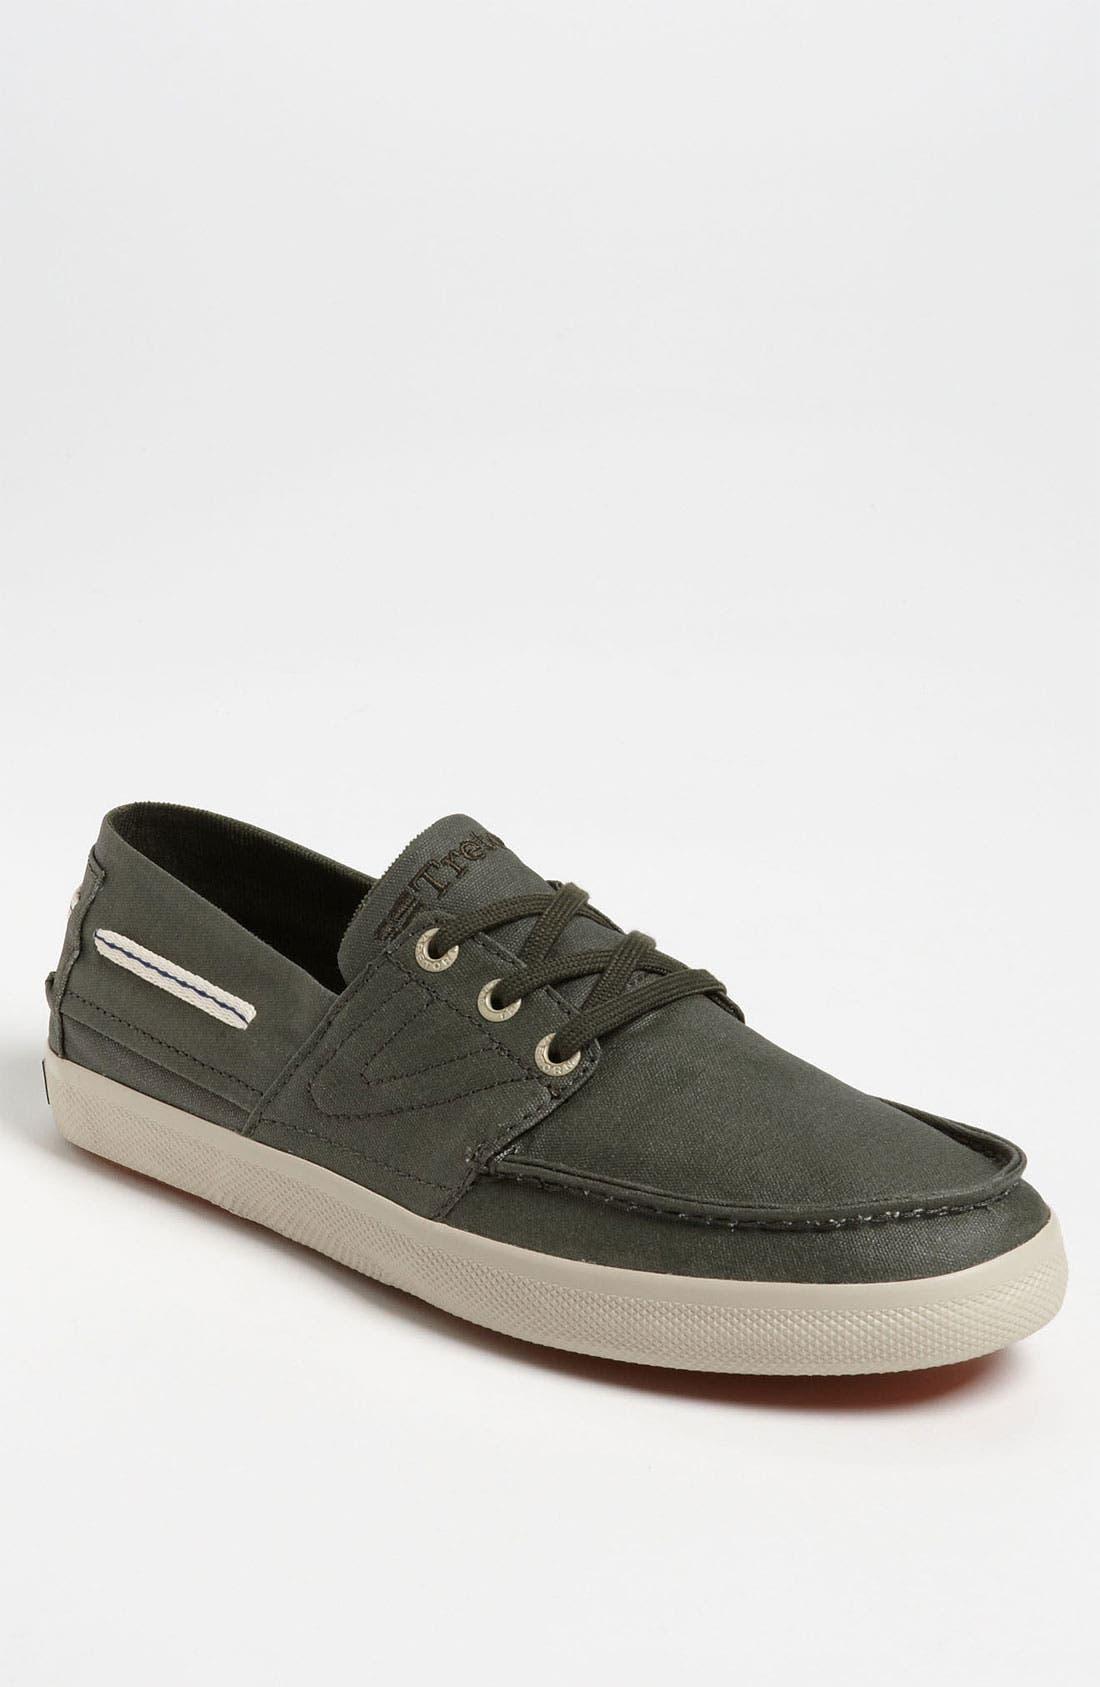 Main Image - Tretorn 'Otto' Boat Shoe Sneaker